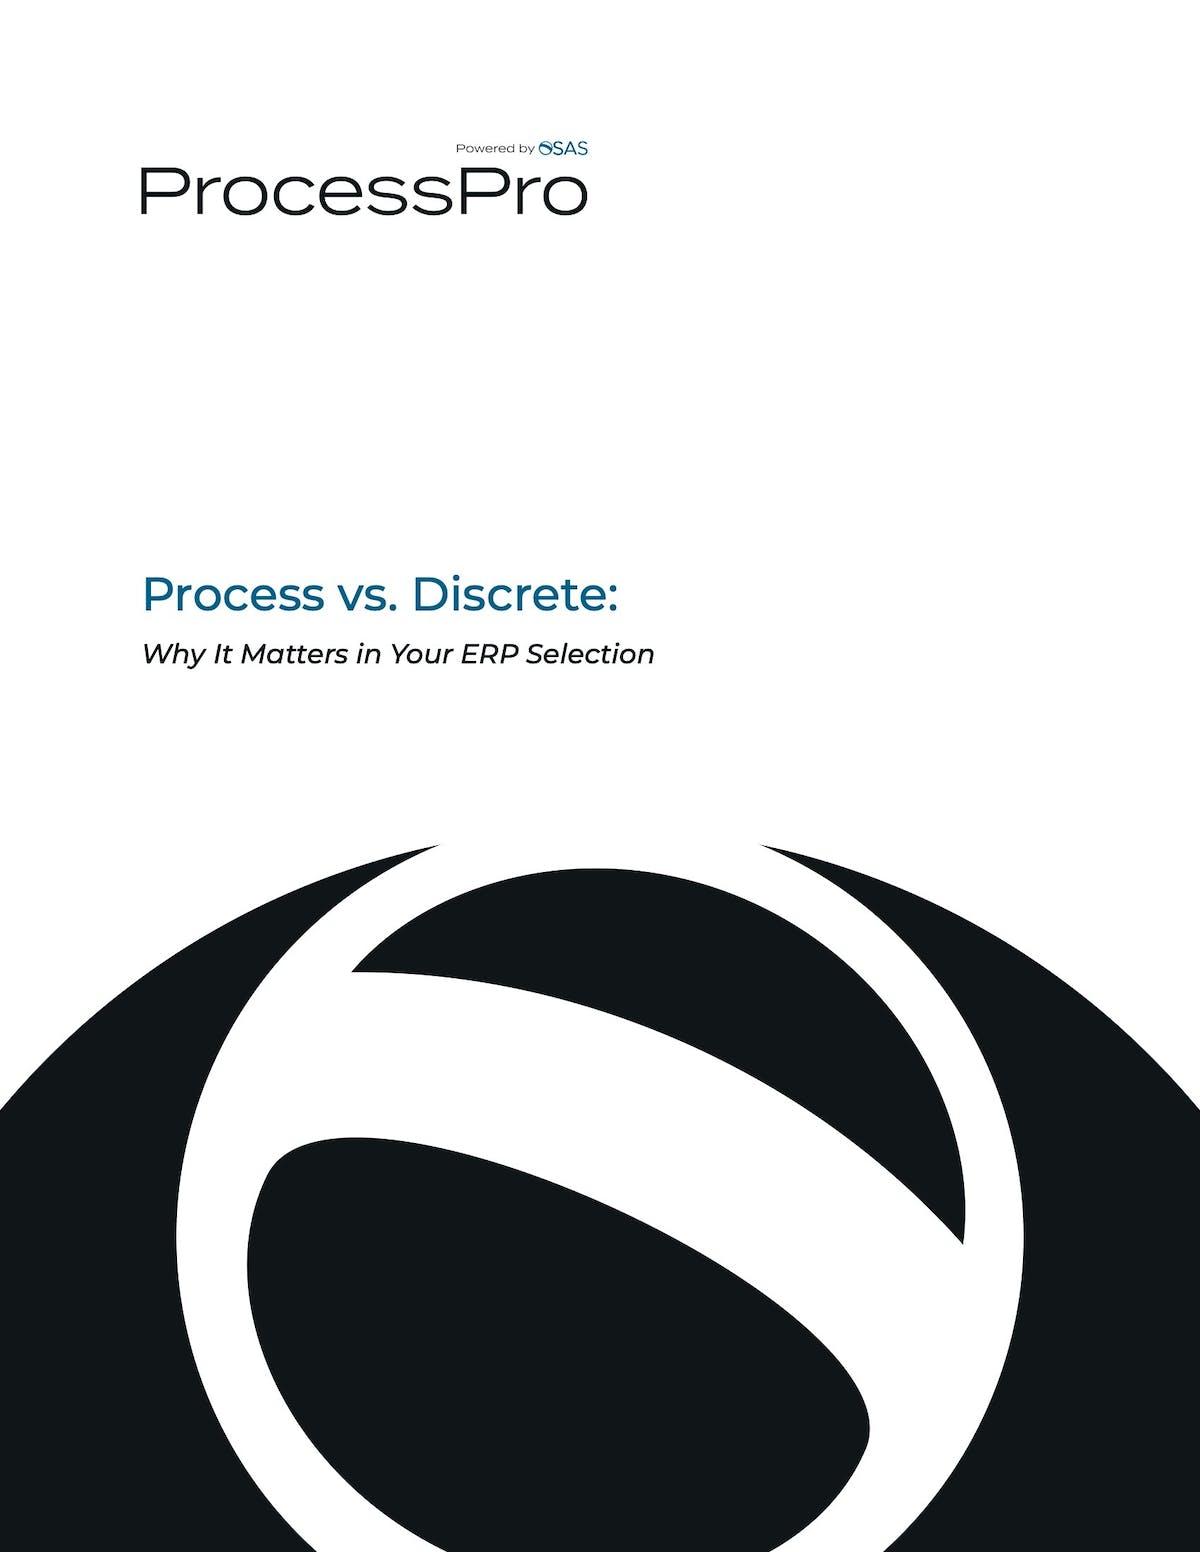 ProcessPro White Paper - Process vs. Discrete